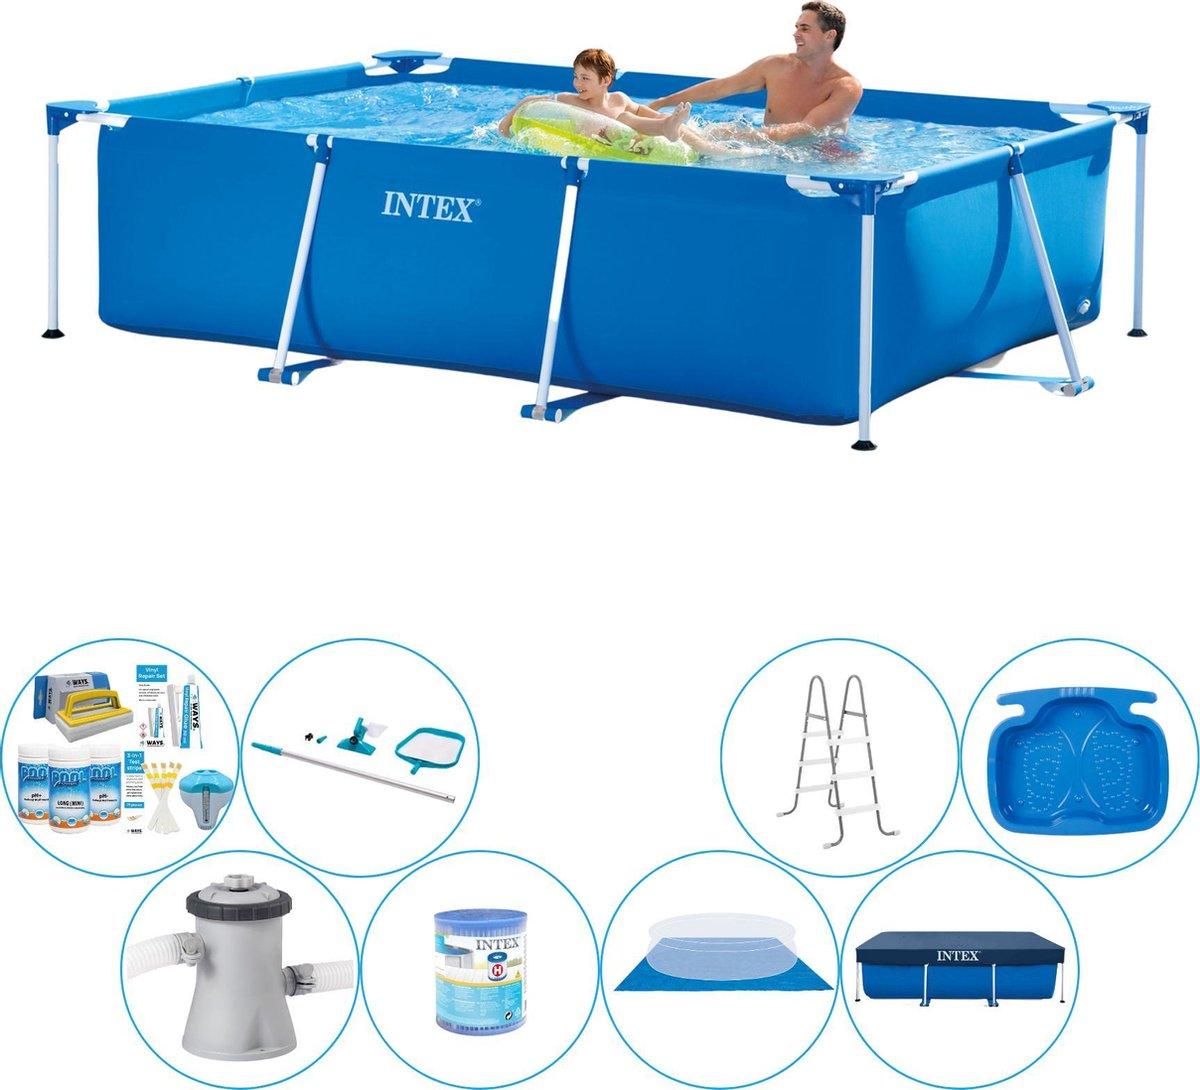 Intex Rechthoekig Zwembad - 260 x 160 x 65 cm - Inclusief toebehoren